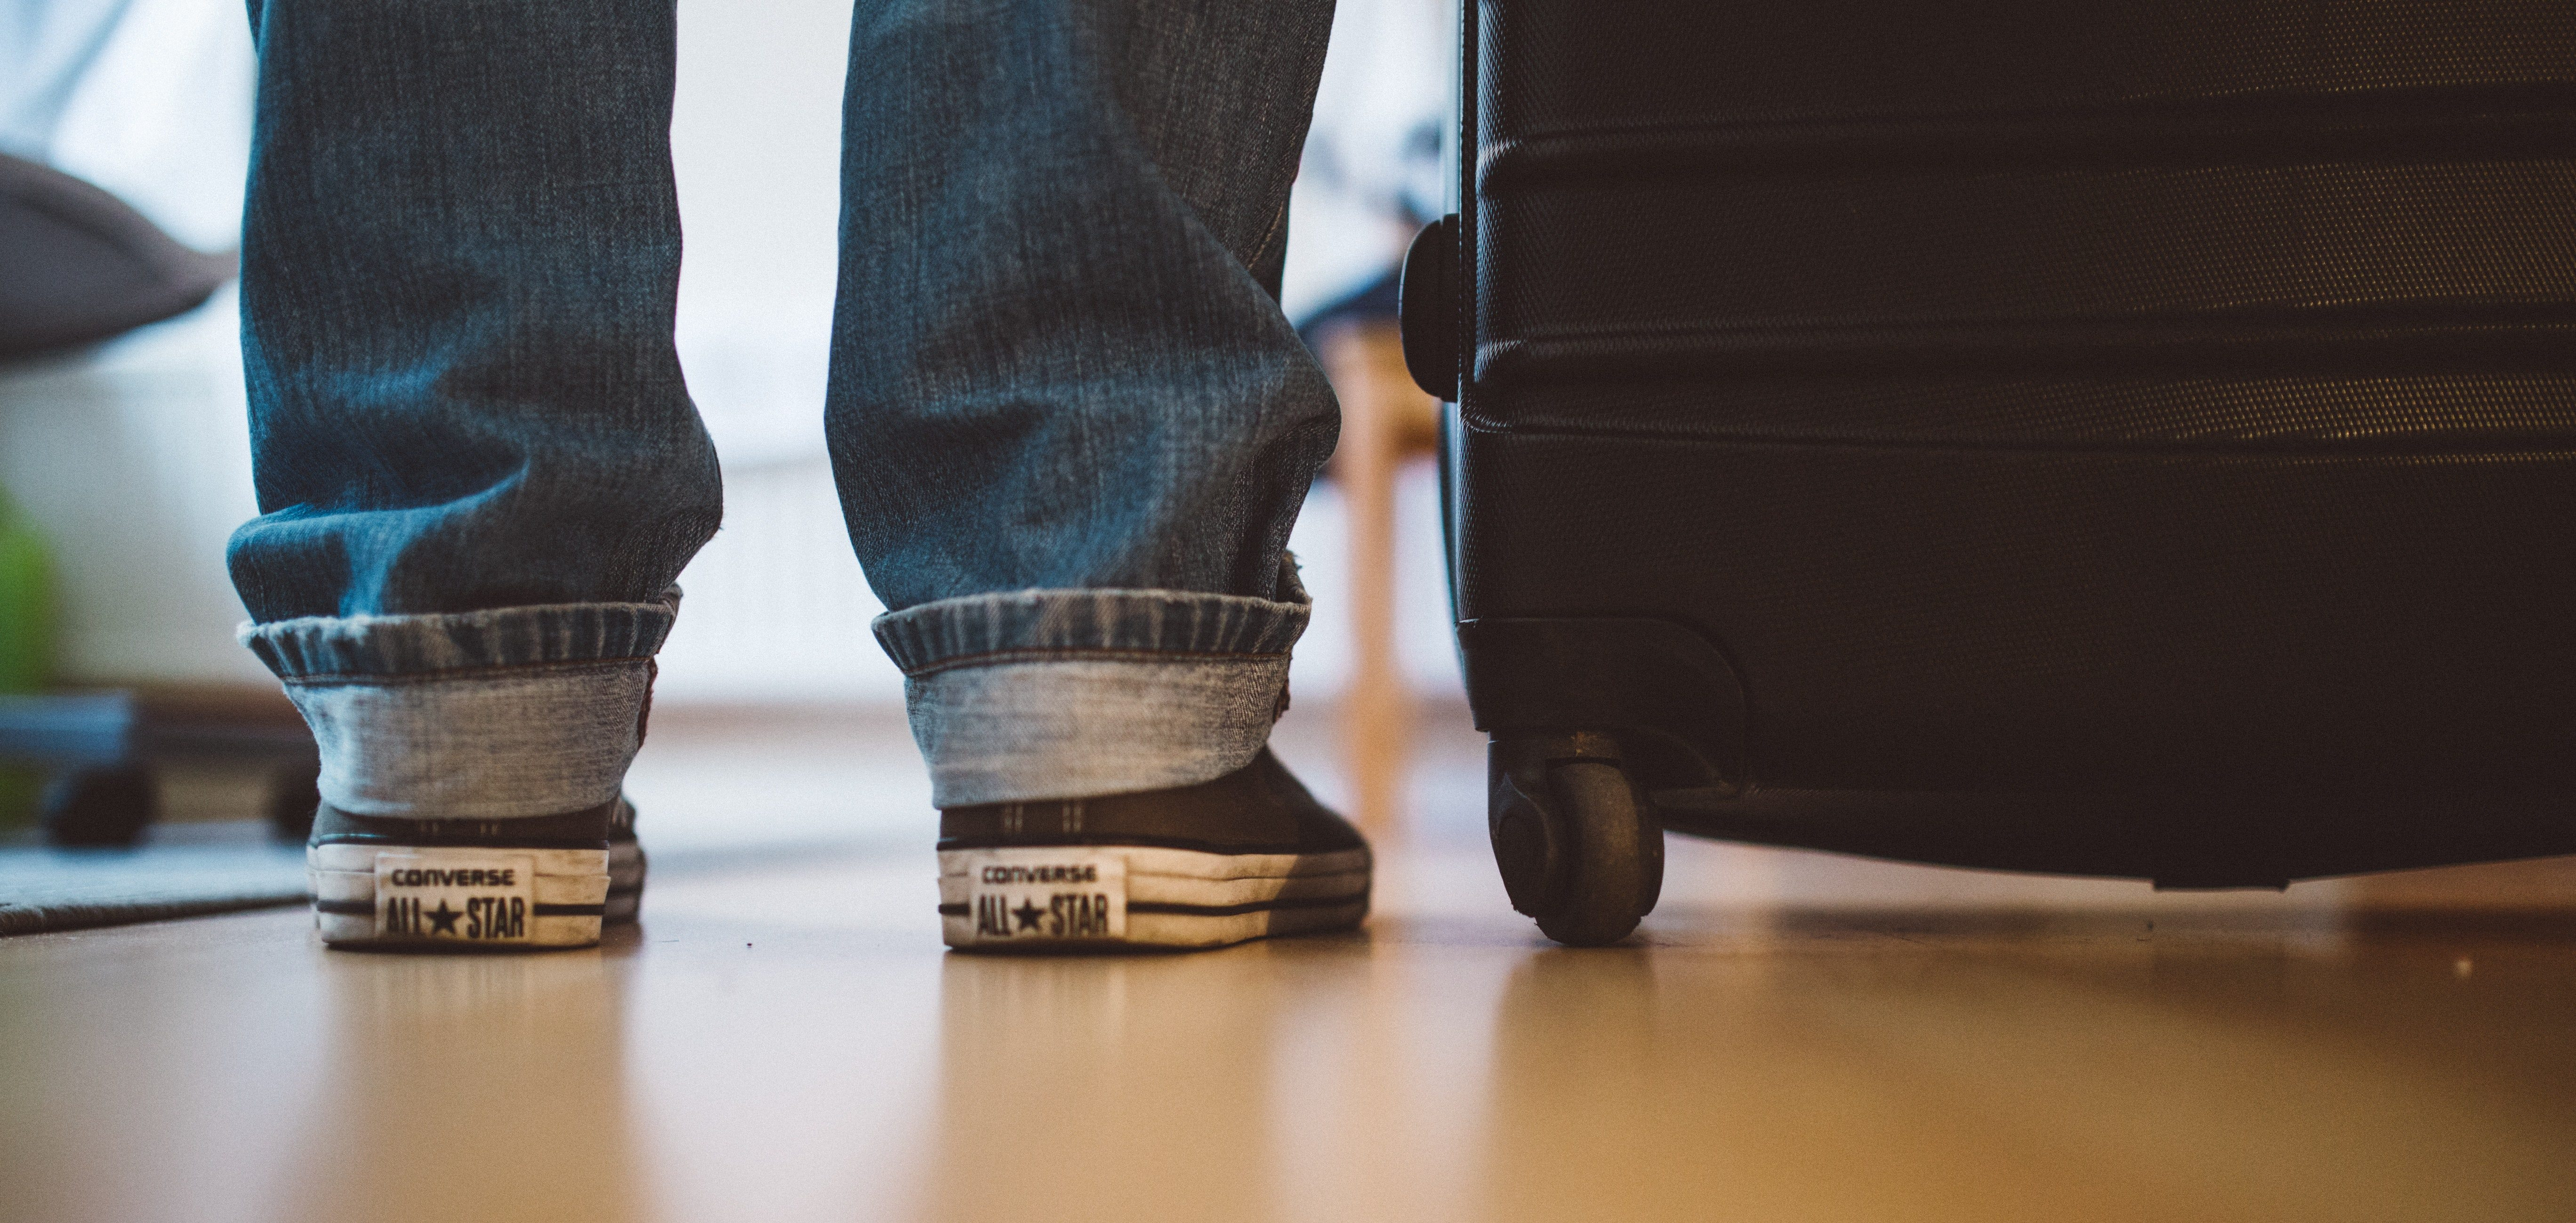 case-flight-luggage-34205